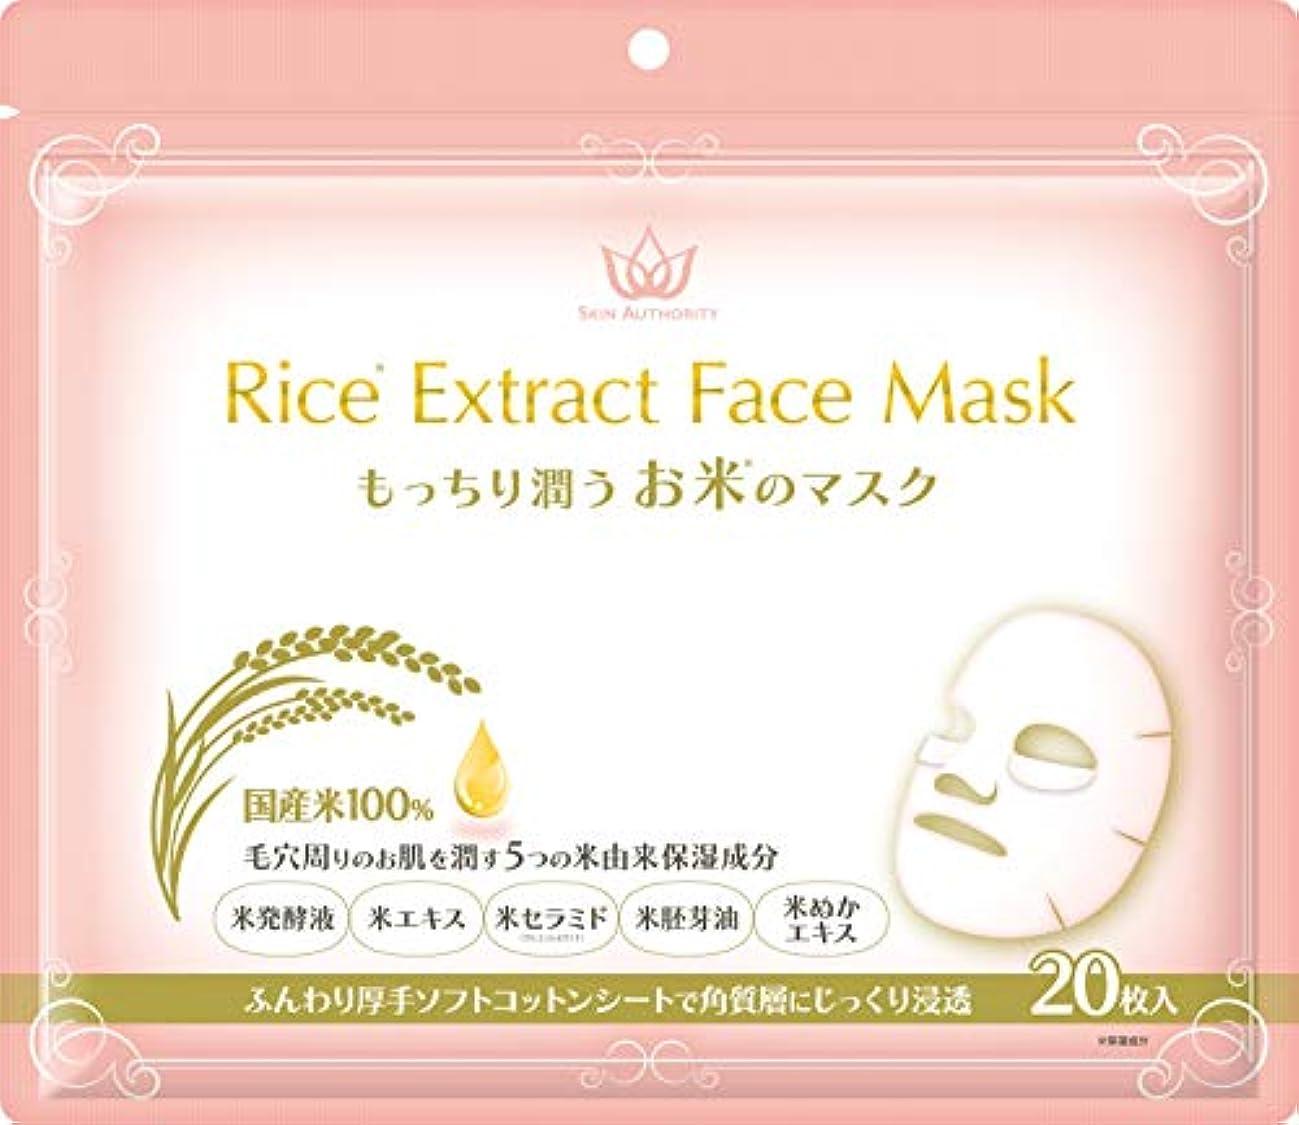 収縮くプラットフォーム[Amazon限定ブランド] SKIN AUTHORITY もっちり潤うお米のマスク 20枚入 (300ml)